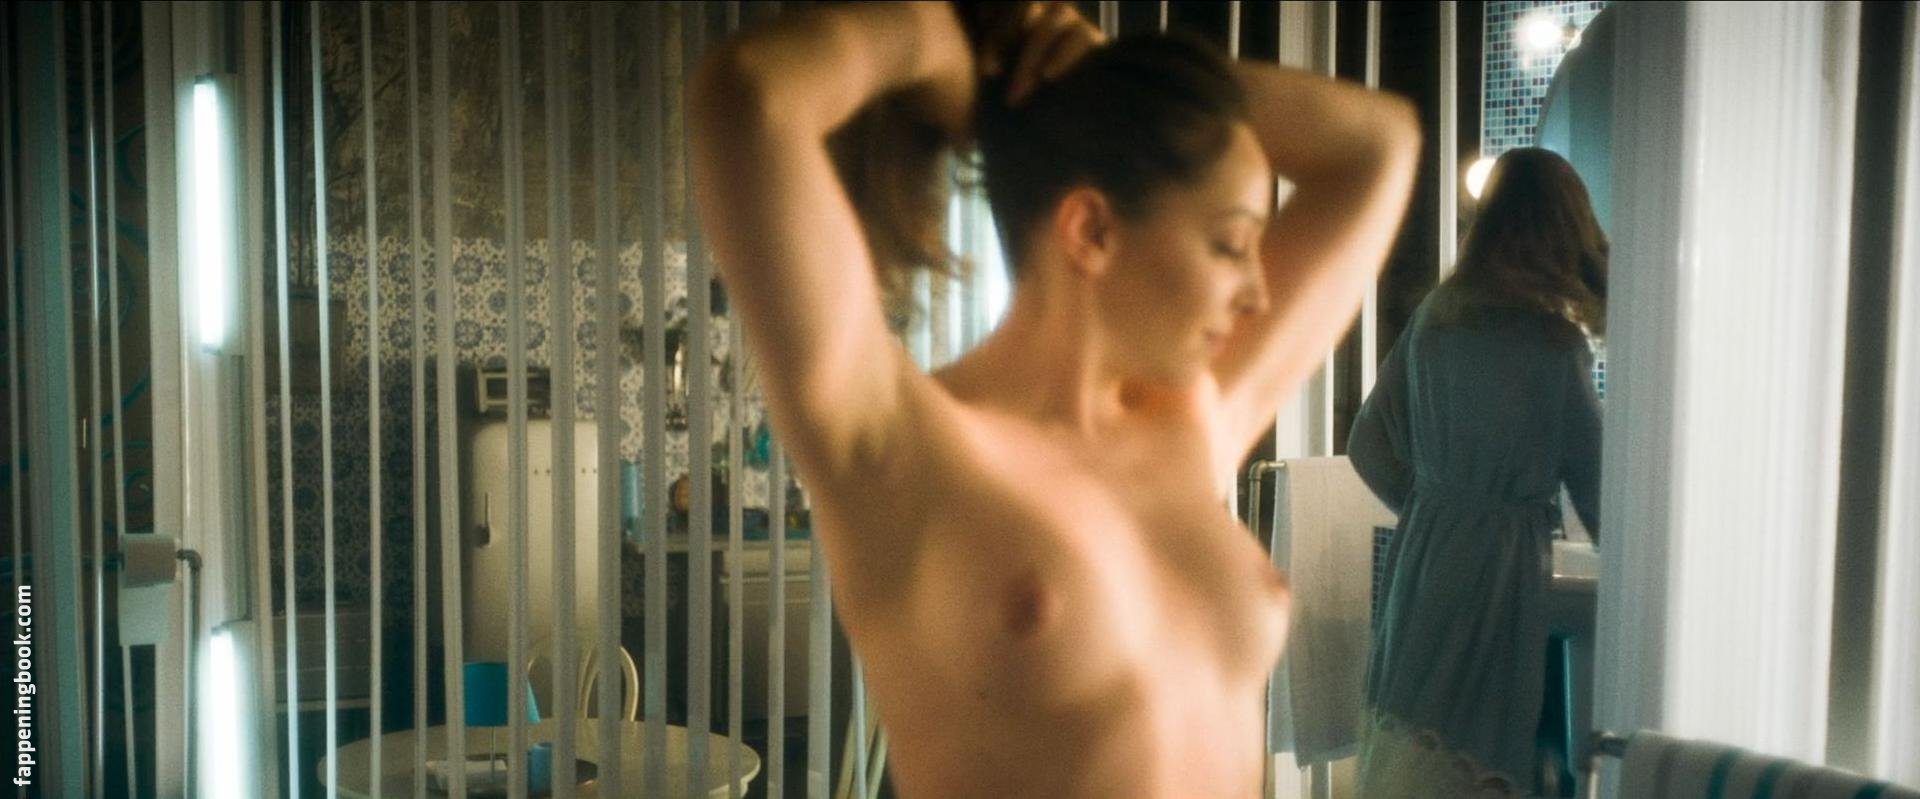 Eva meier nackt